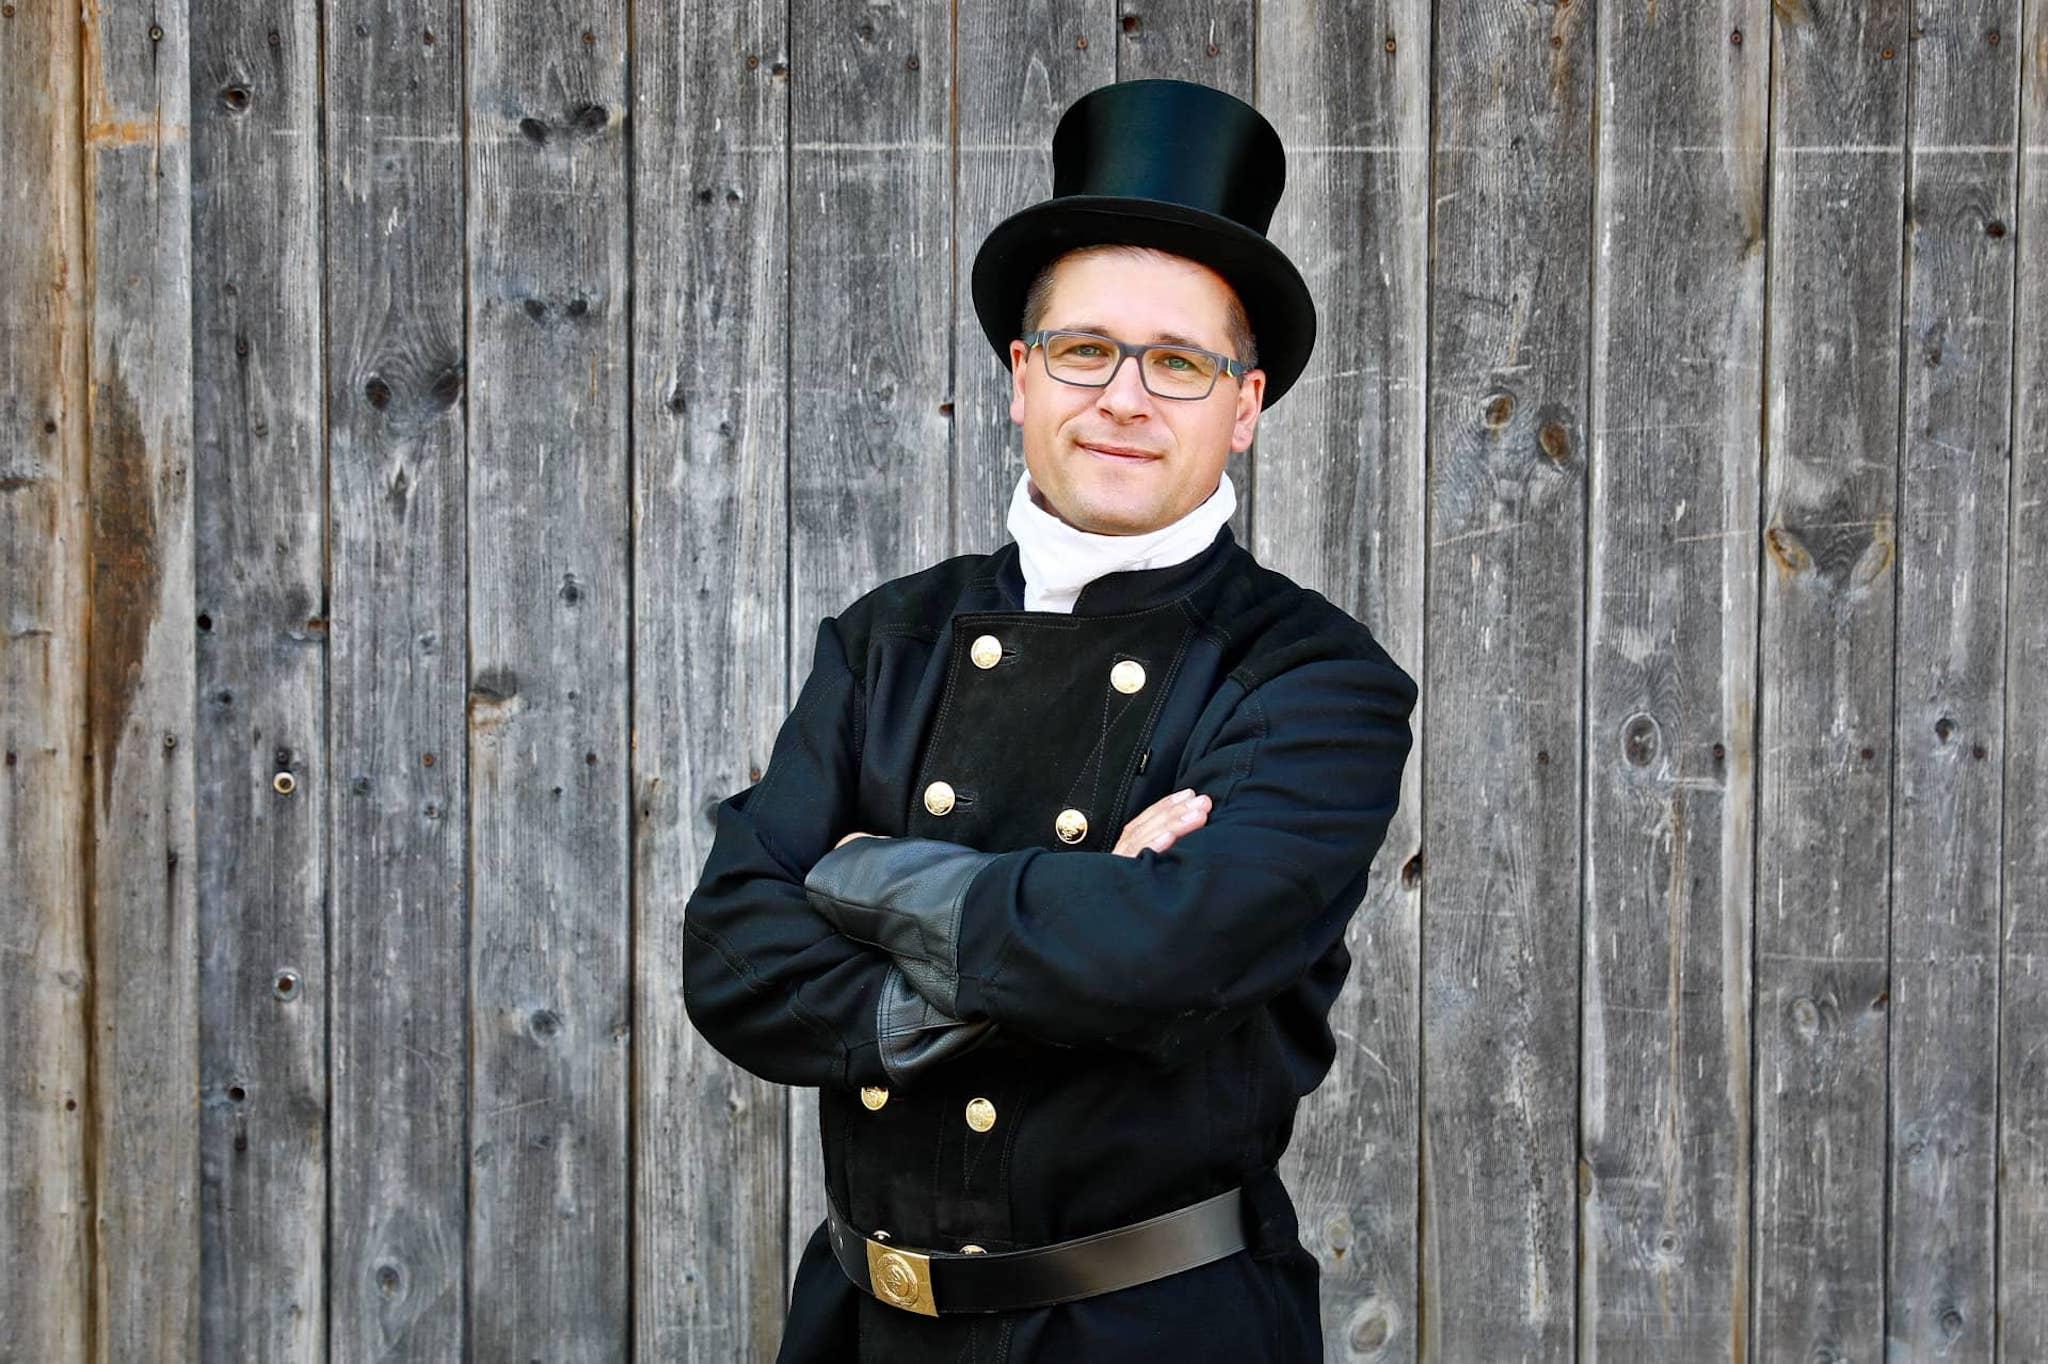 Der Schornsteinfegermeister Ralf Gröber in der traditionellen Kaminkehrer Uniform